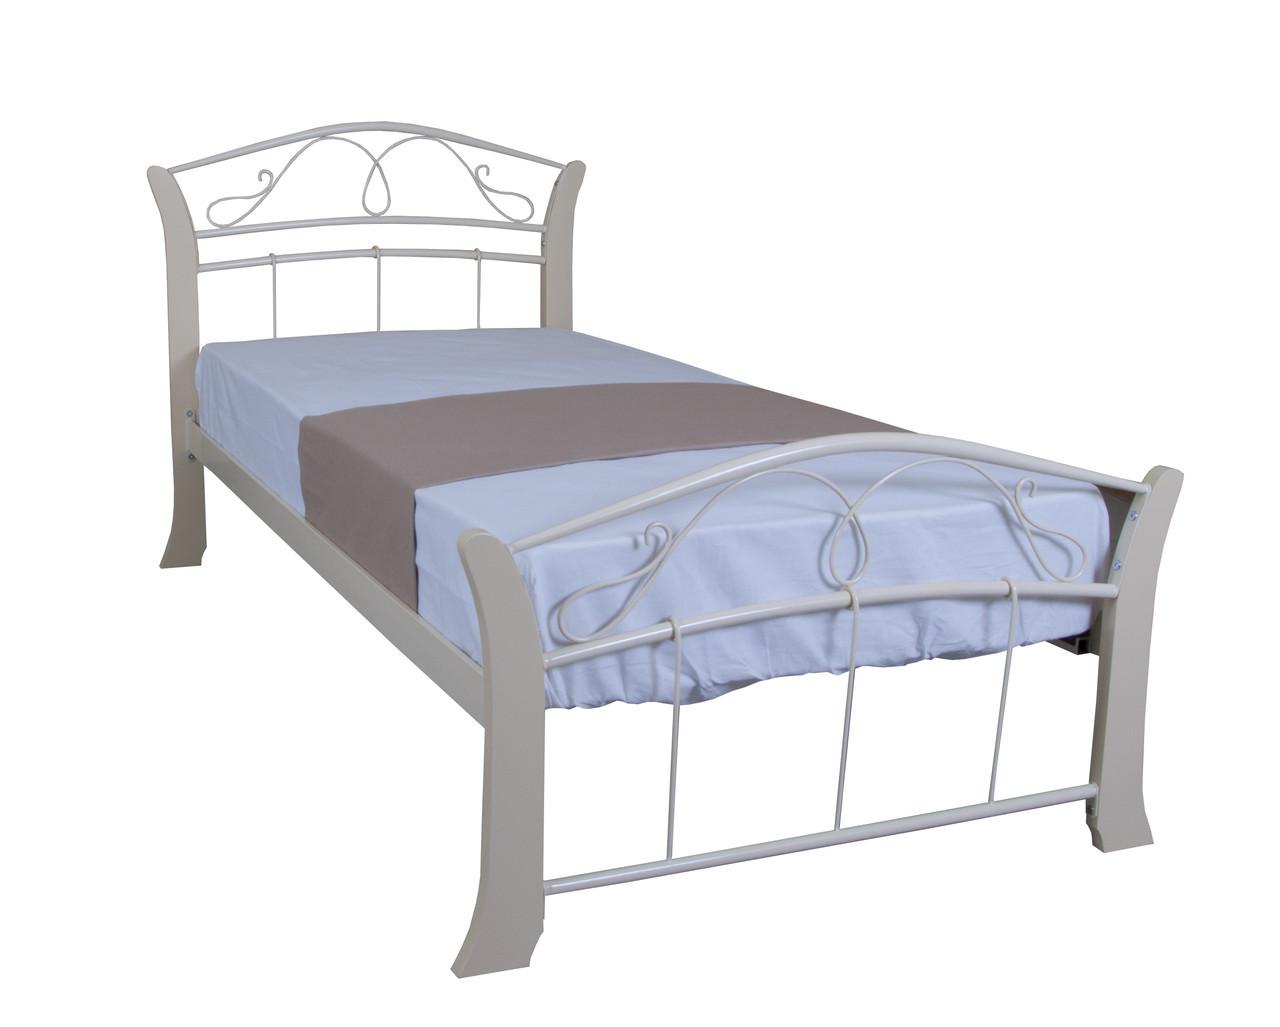 Кровать Селена Вуд односпальная 190х90, белая